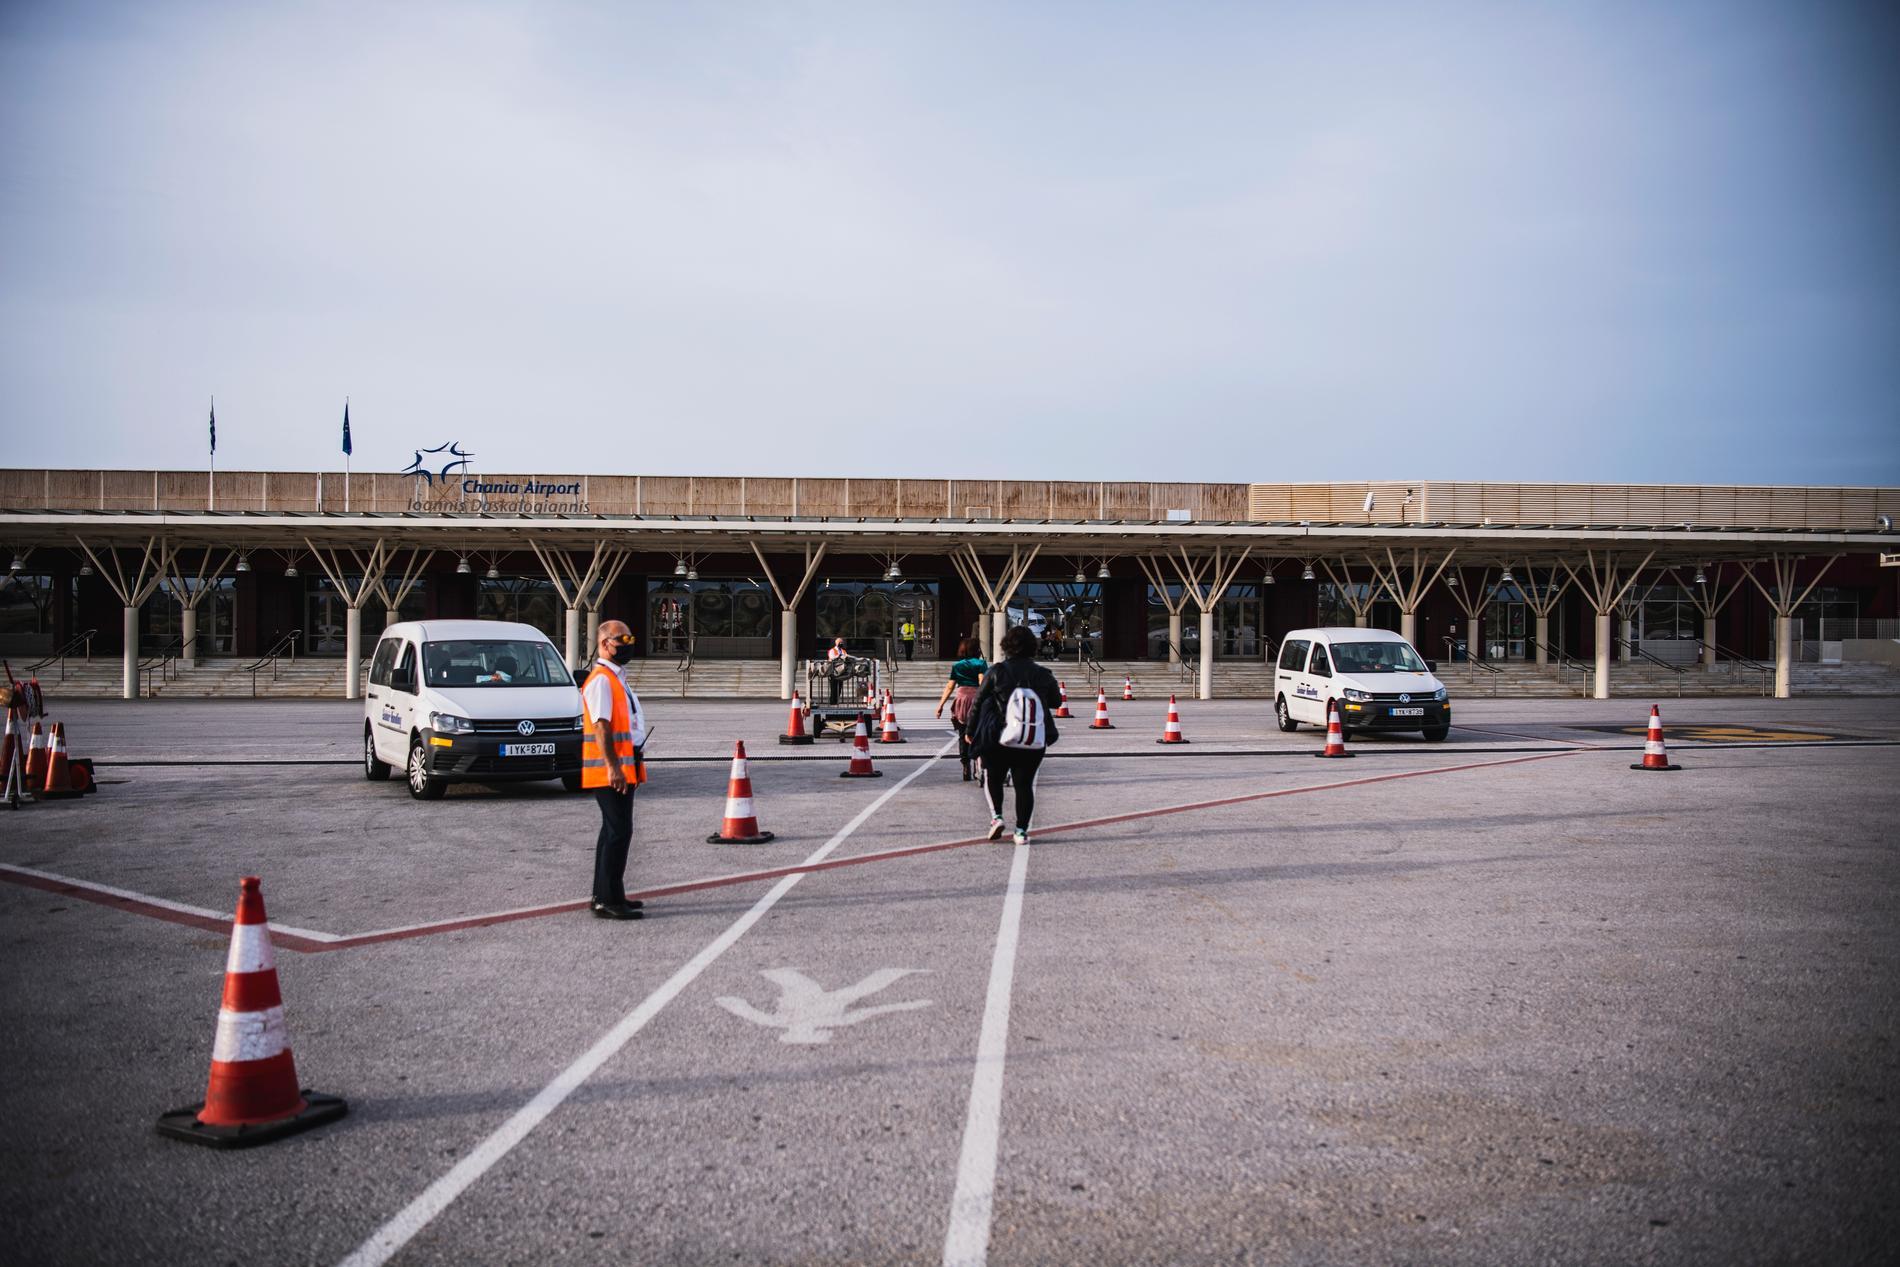 Chania Airport ligger nästintill öde.